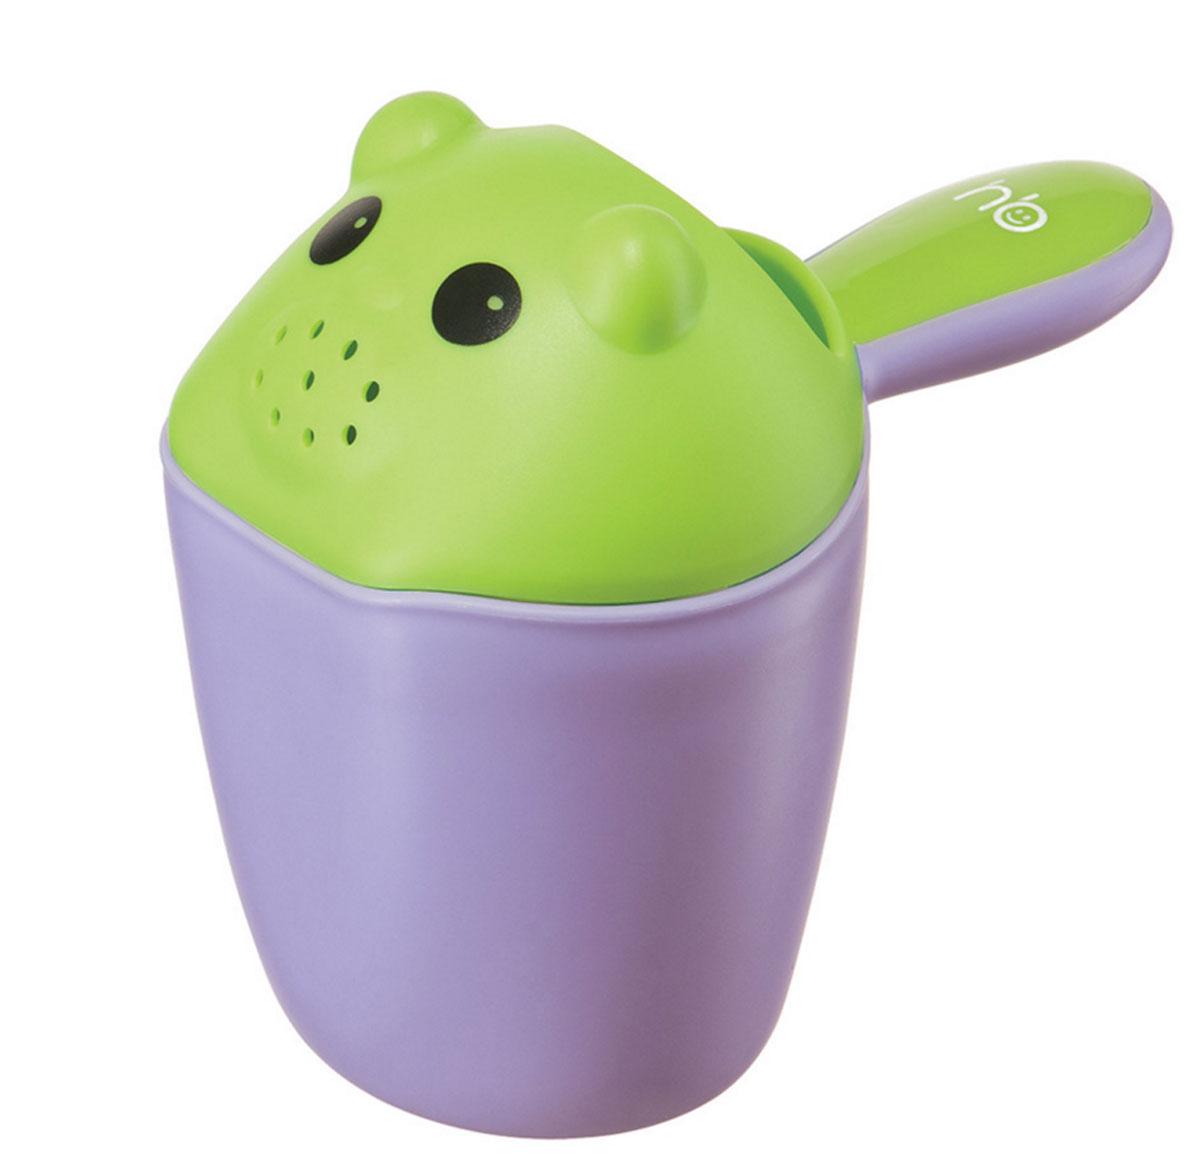 Happy Baby Ковш детский Scooppy цвет фиолетовый34013 VioletВместительный, лёгкий и надёжный ковшик станет незаменимым помощником в купании малыша. Отверстия в крышке-лейке, сделанной в виде смешных человечков, позволяют превратить водные процедуры в весёлую игру. Анатомическая ручка и устойчивое дно ковшика сделают процесс купания лёгким и приятным как для мамы, так и для ребёнка. МАТЕРИАЛ: полипропилен